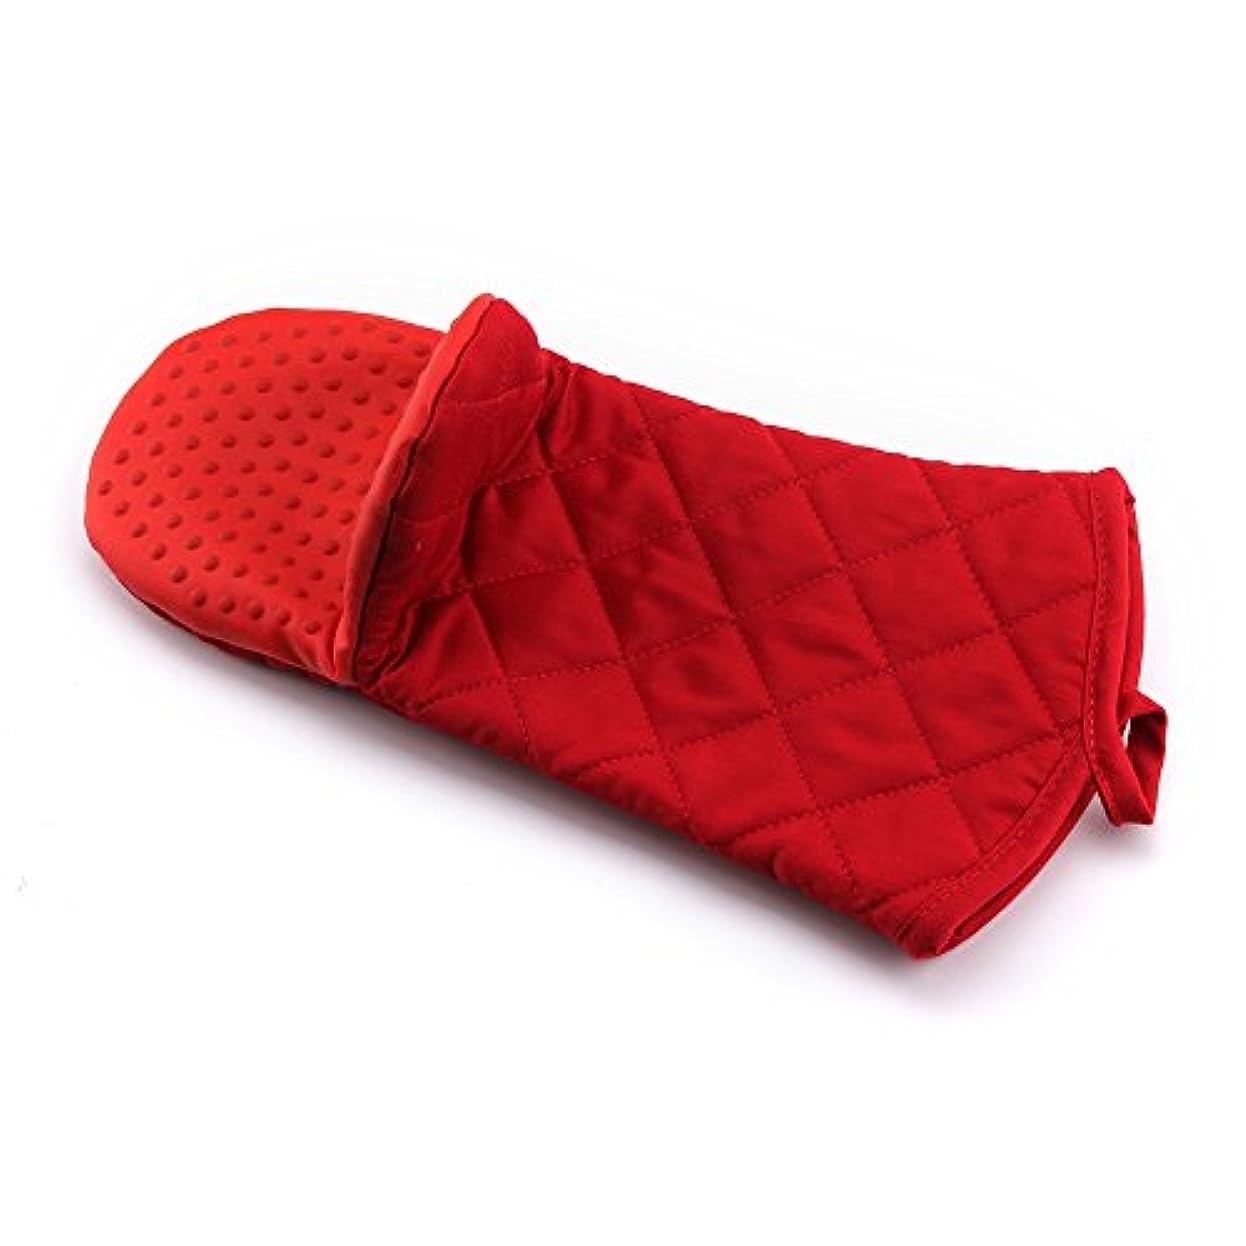 傾斜崇拝する感じるOUYOU 耐熱グローブ シリコンチェック 耐熱温度280℃ キッチングローブ オーブンミトン シリコン手袋 滑り止め クッキング用 フリーサイズ 2個セット